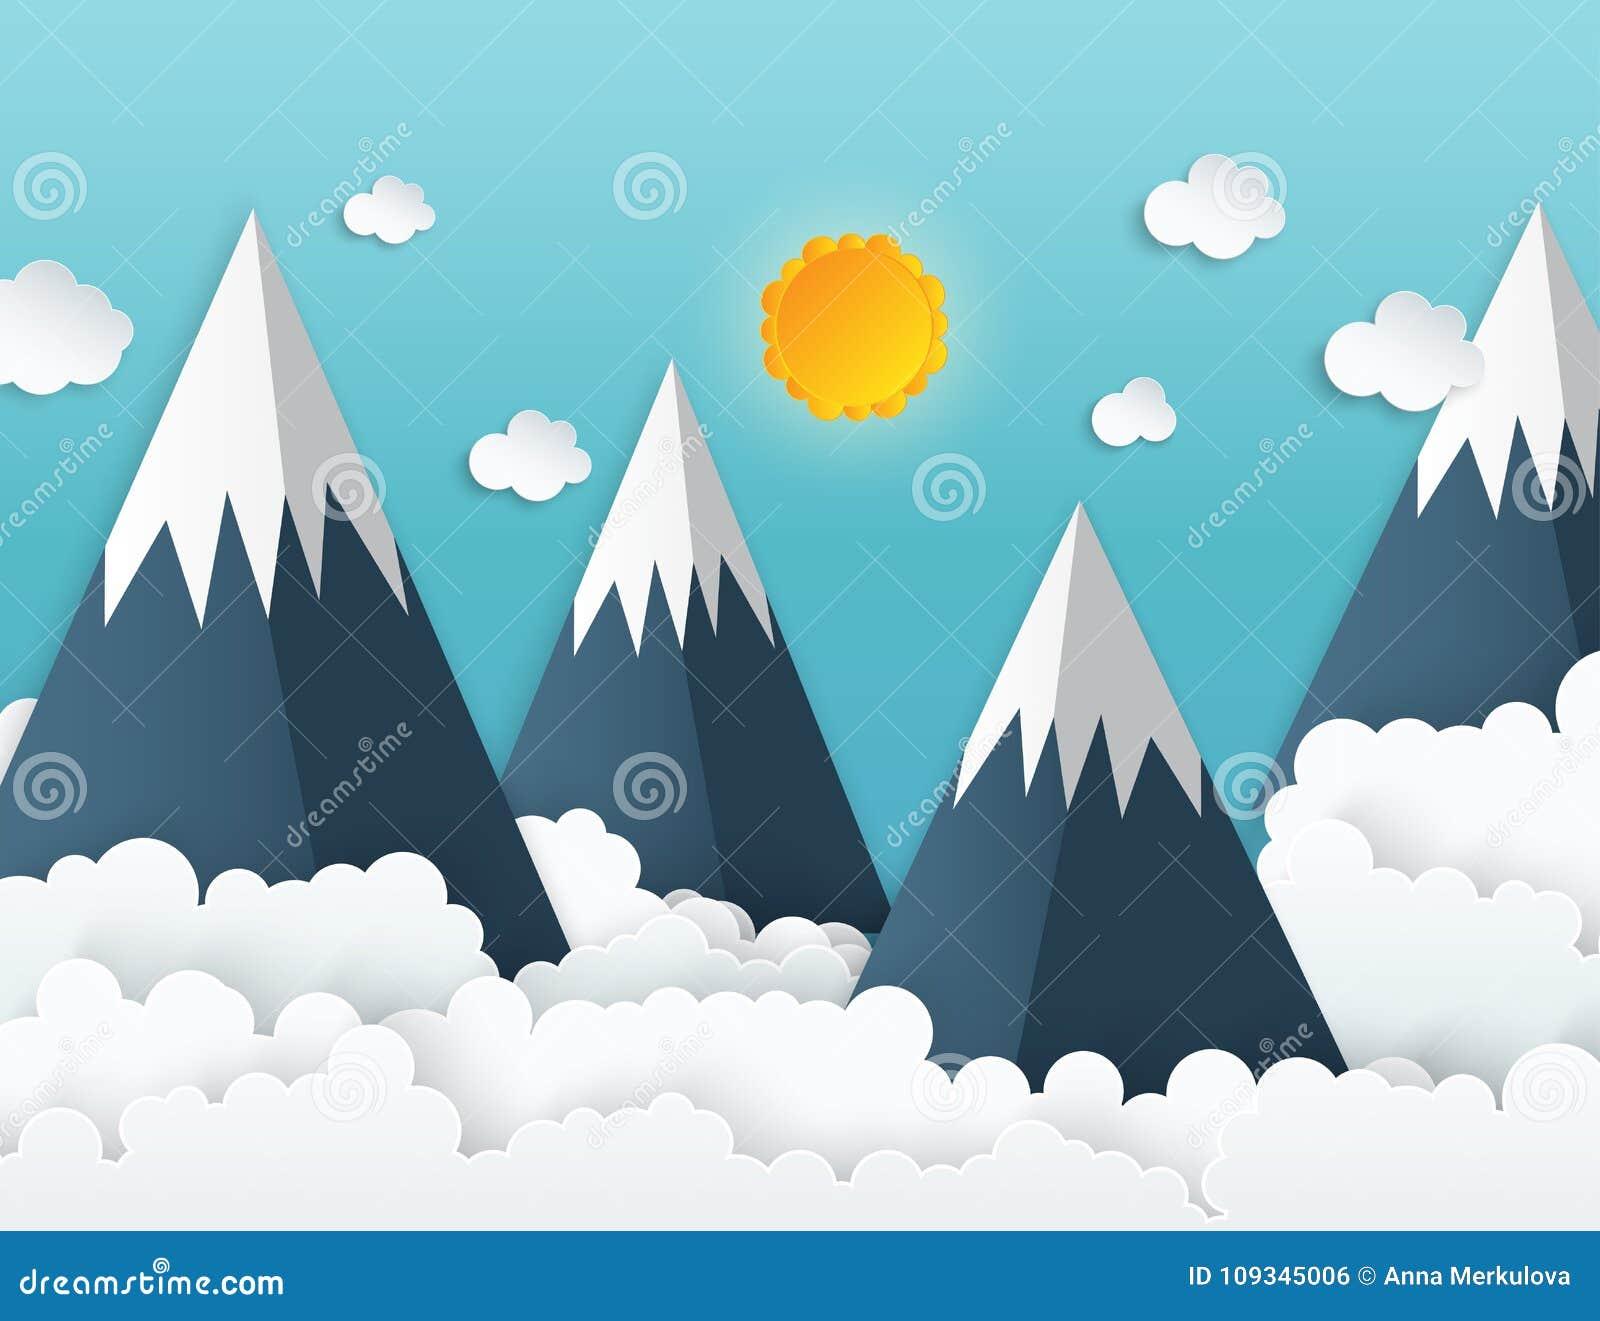 Бумажные горы с снегом, белые пушистые облака origami искусства